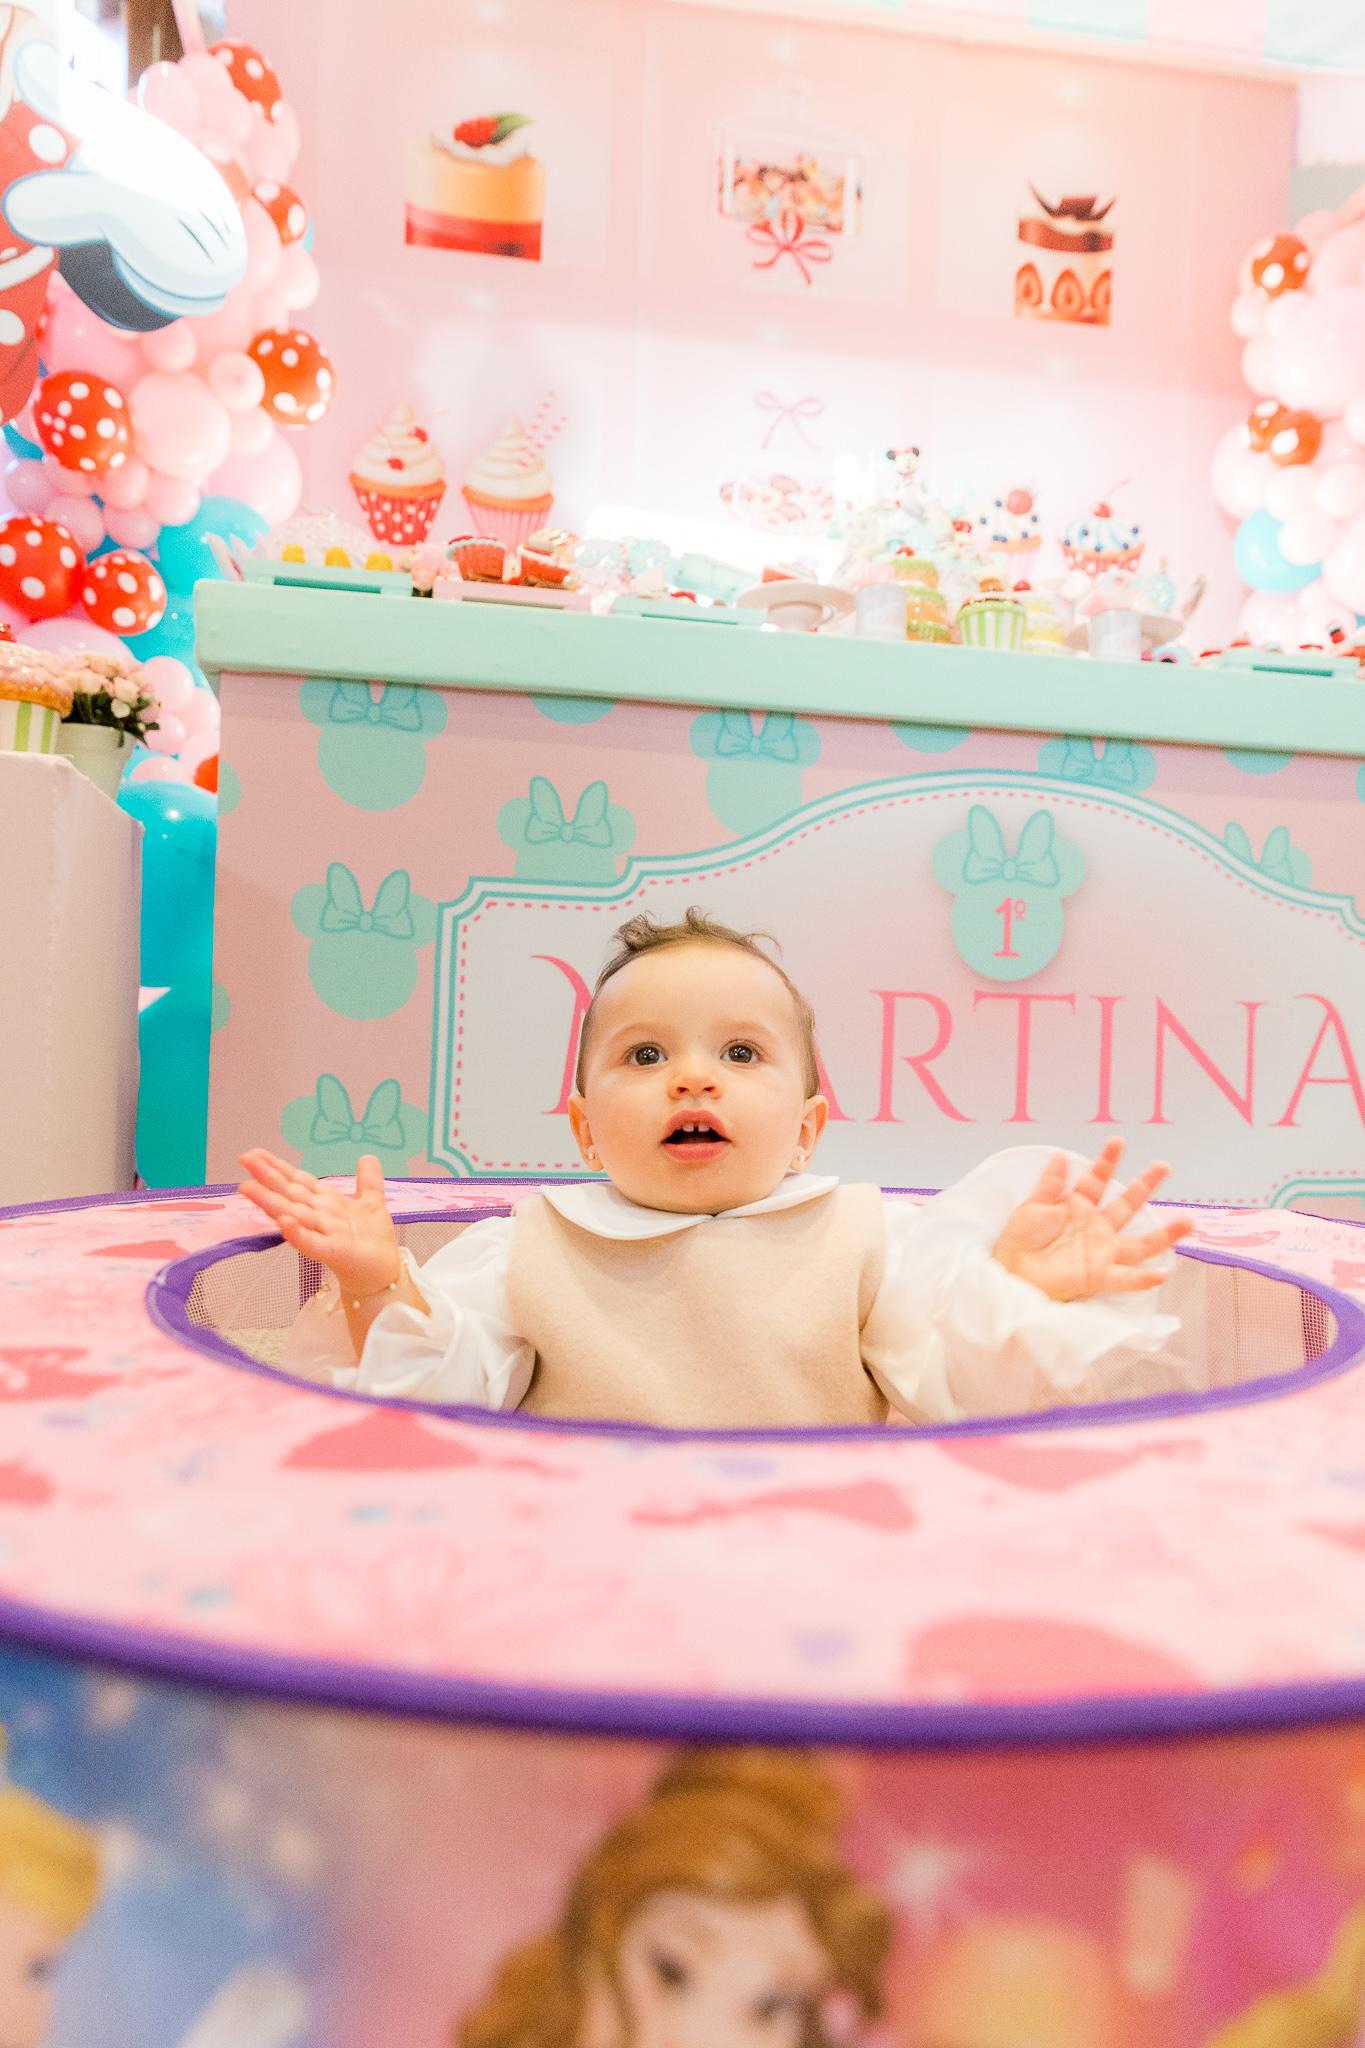 210529_martina_0347